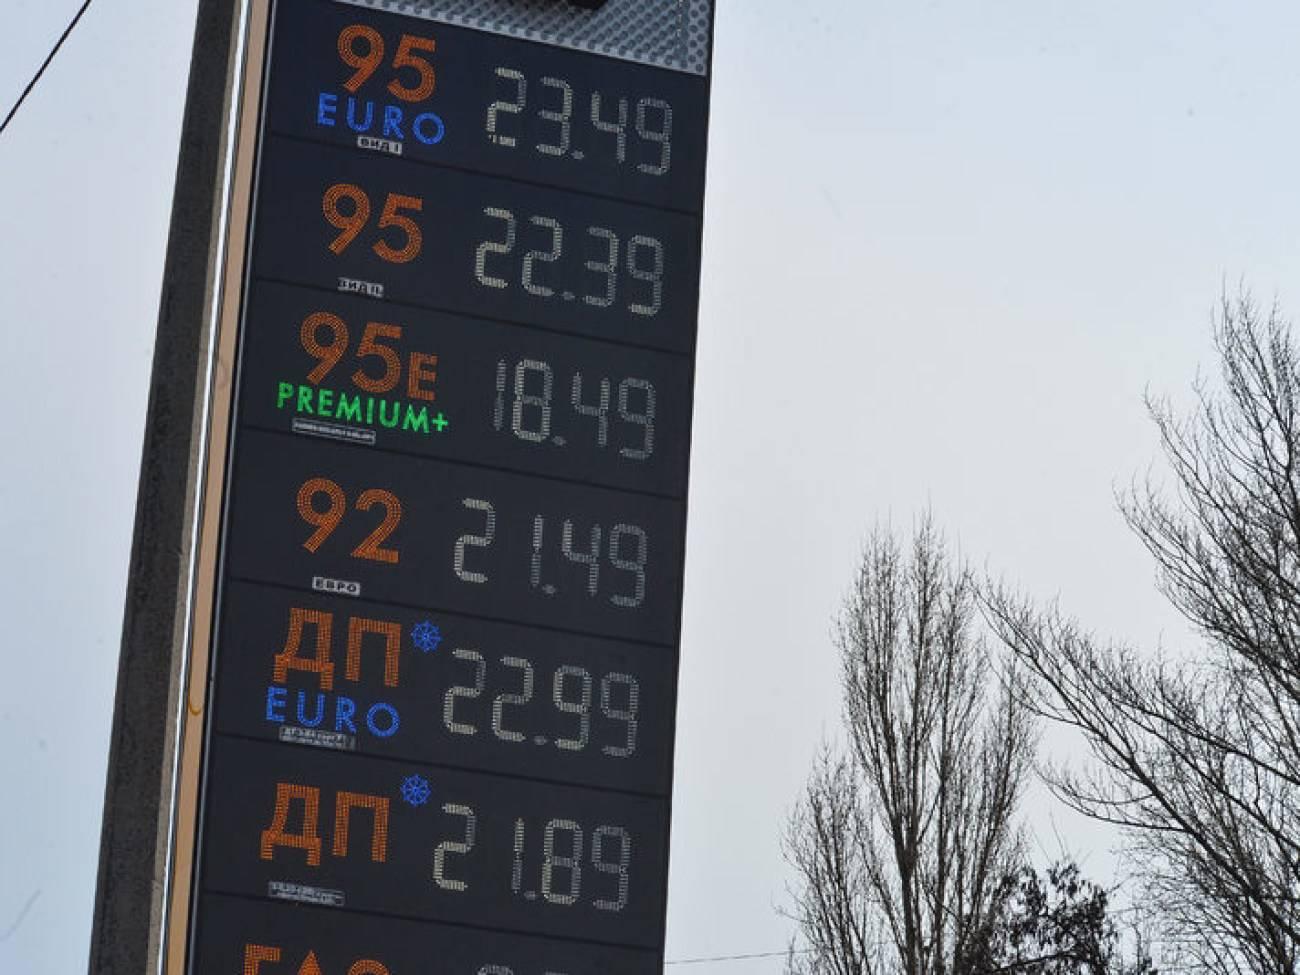 Сколько стоит бензин в сша? цены на бензин в америке